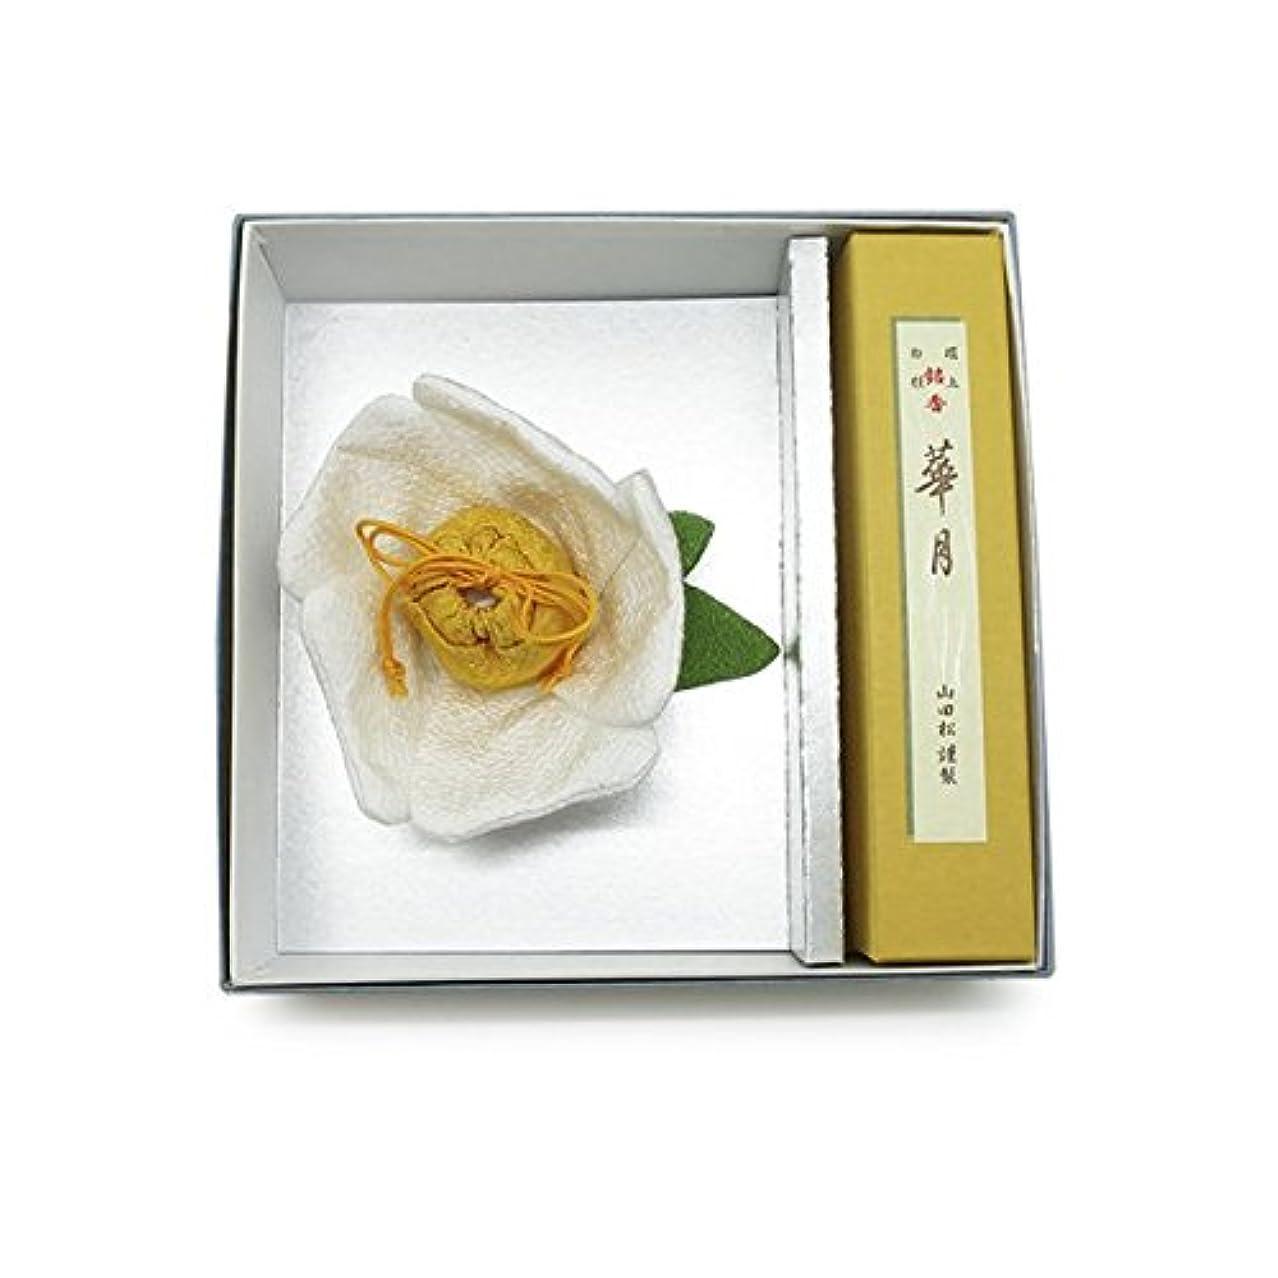 評決スナック開梱京の香り 沙羅双樹セット